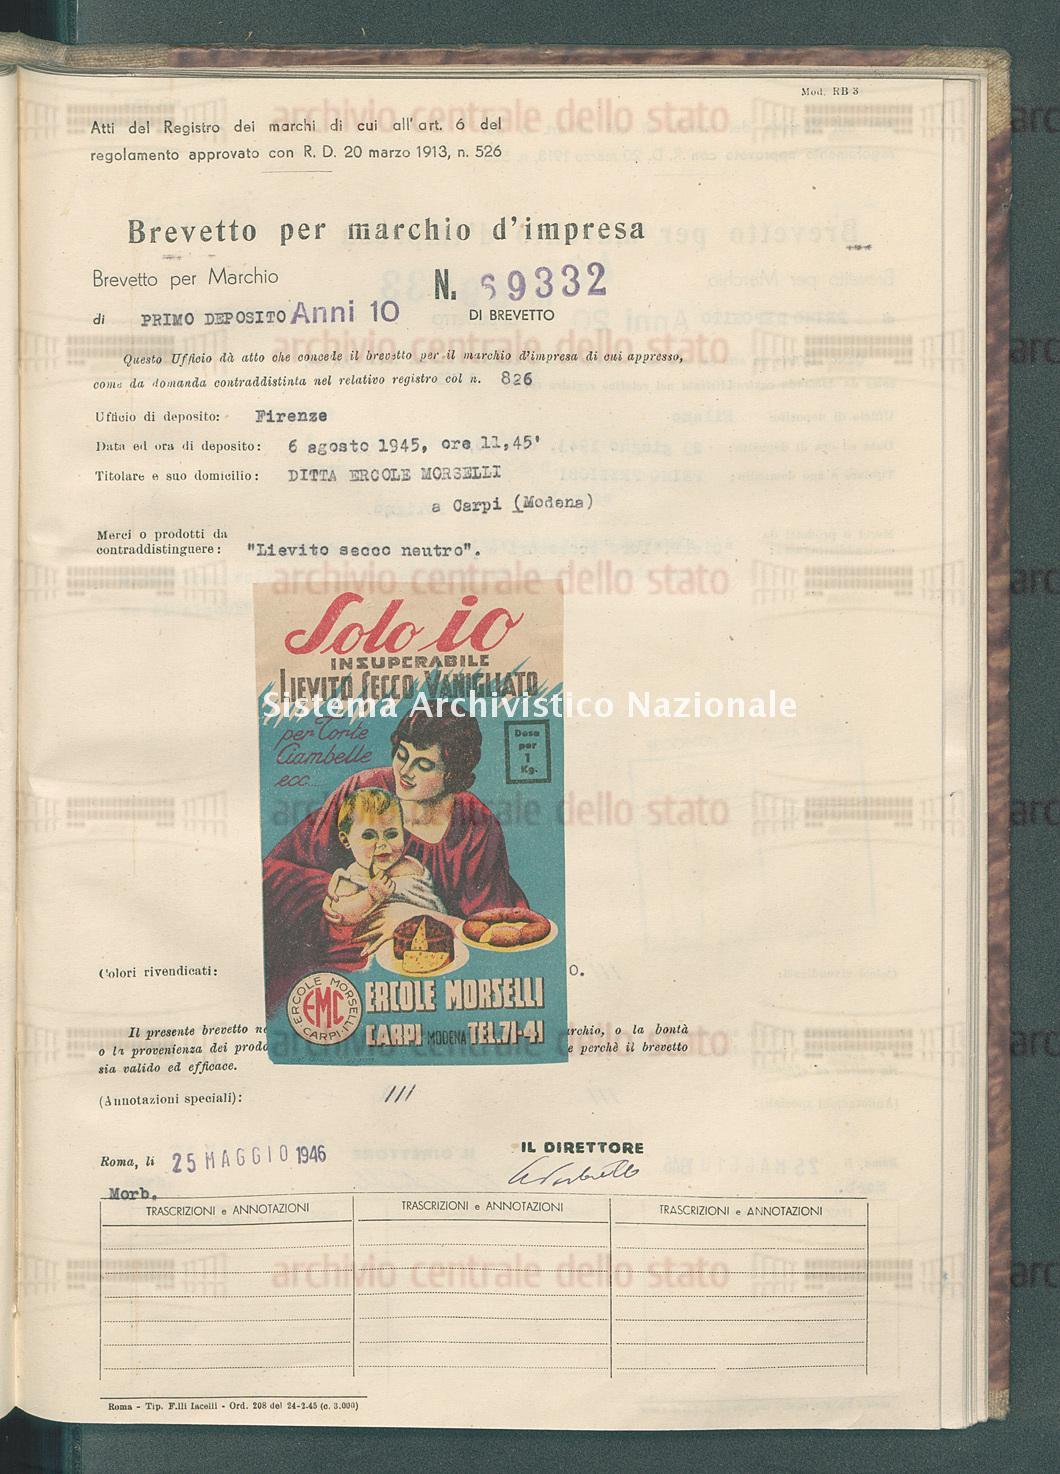 'Lievito secco neutro' Ditta Ercole Morselli (25/05/1946)